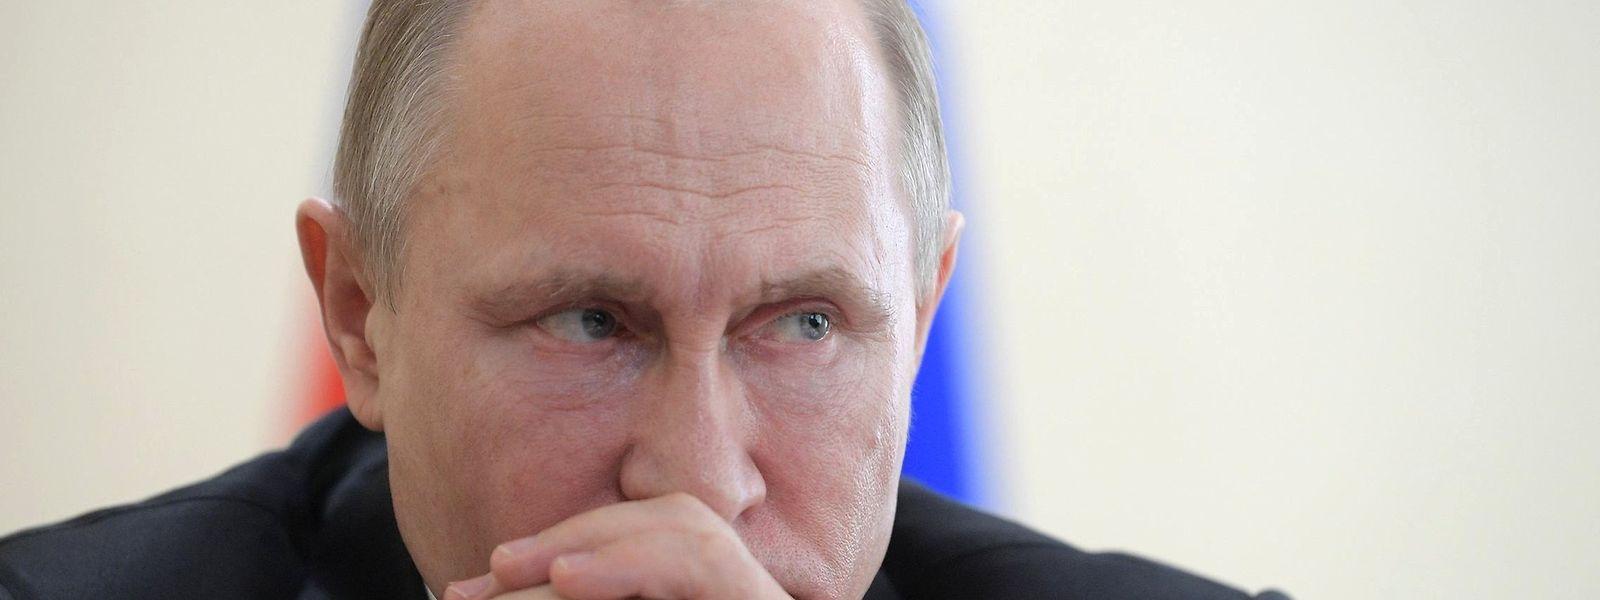 Wladimir Putin, Präsident von Russland, nimmt an einem Treffen mit Rettungskräften bezüglich der Unterstützungsmaßnahmen nach dem Brand in einem Einkaufszentrum in Sibirien teil. Foto: Alexei Druzhinin/Planet Pix via ZUMA Wire/dpa +++ dpa-Bildfunk +++